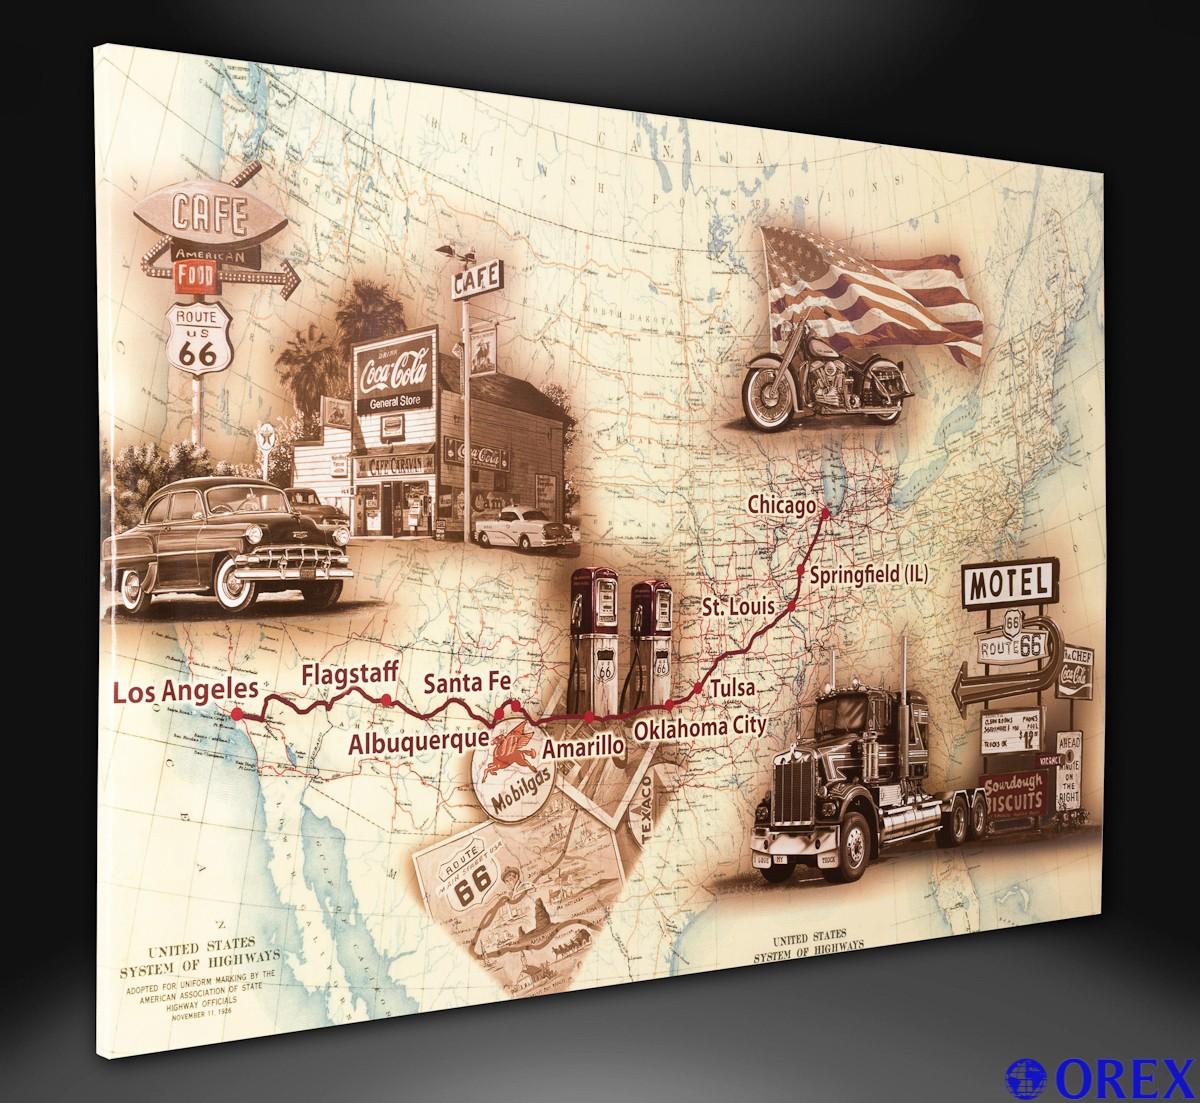 leinwand bild keilrahmen wandbild 78x118 usa landkarte route 66 roadtrip ebay. Black Bedroom Furniture Sets. Home Design Ideas